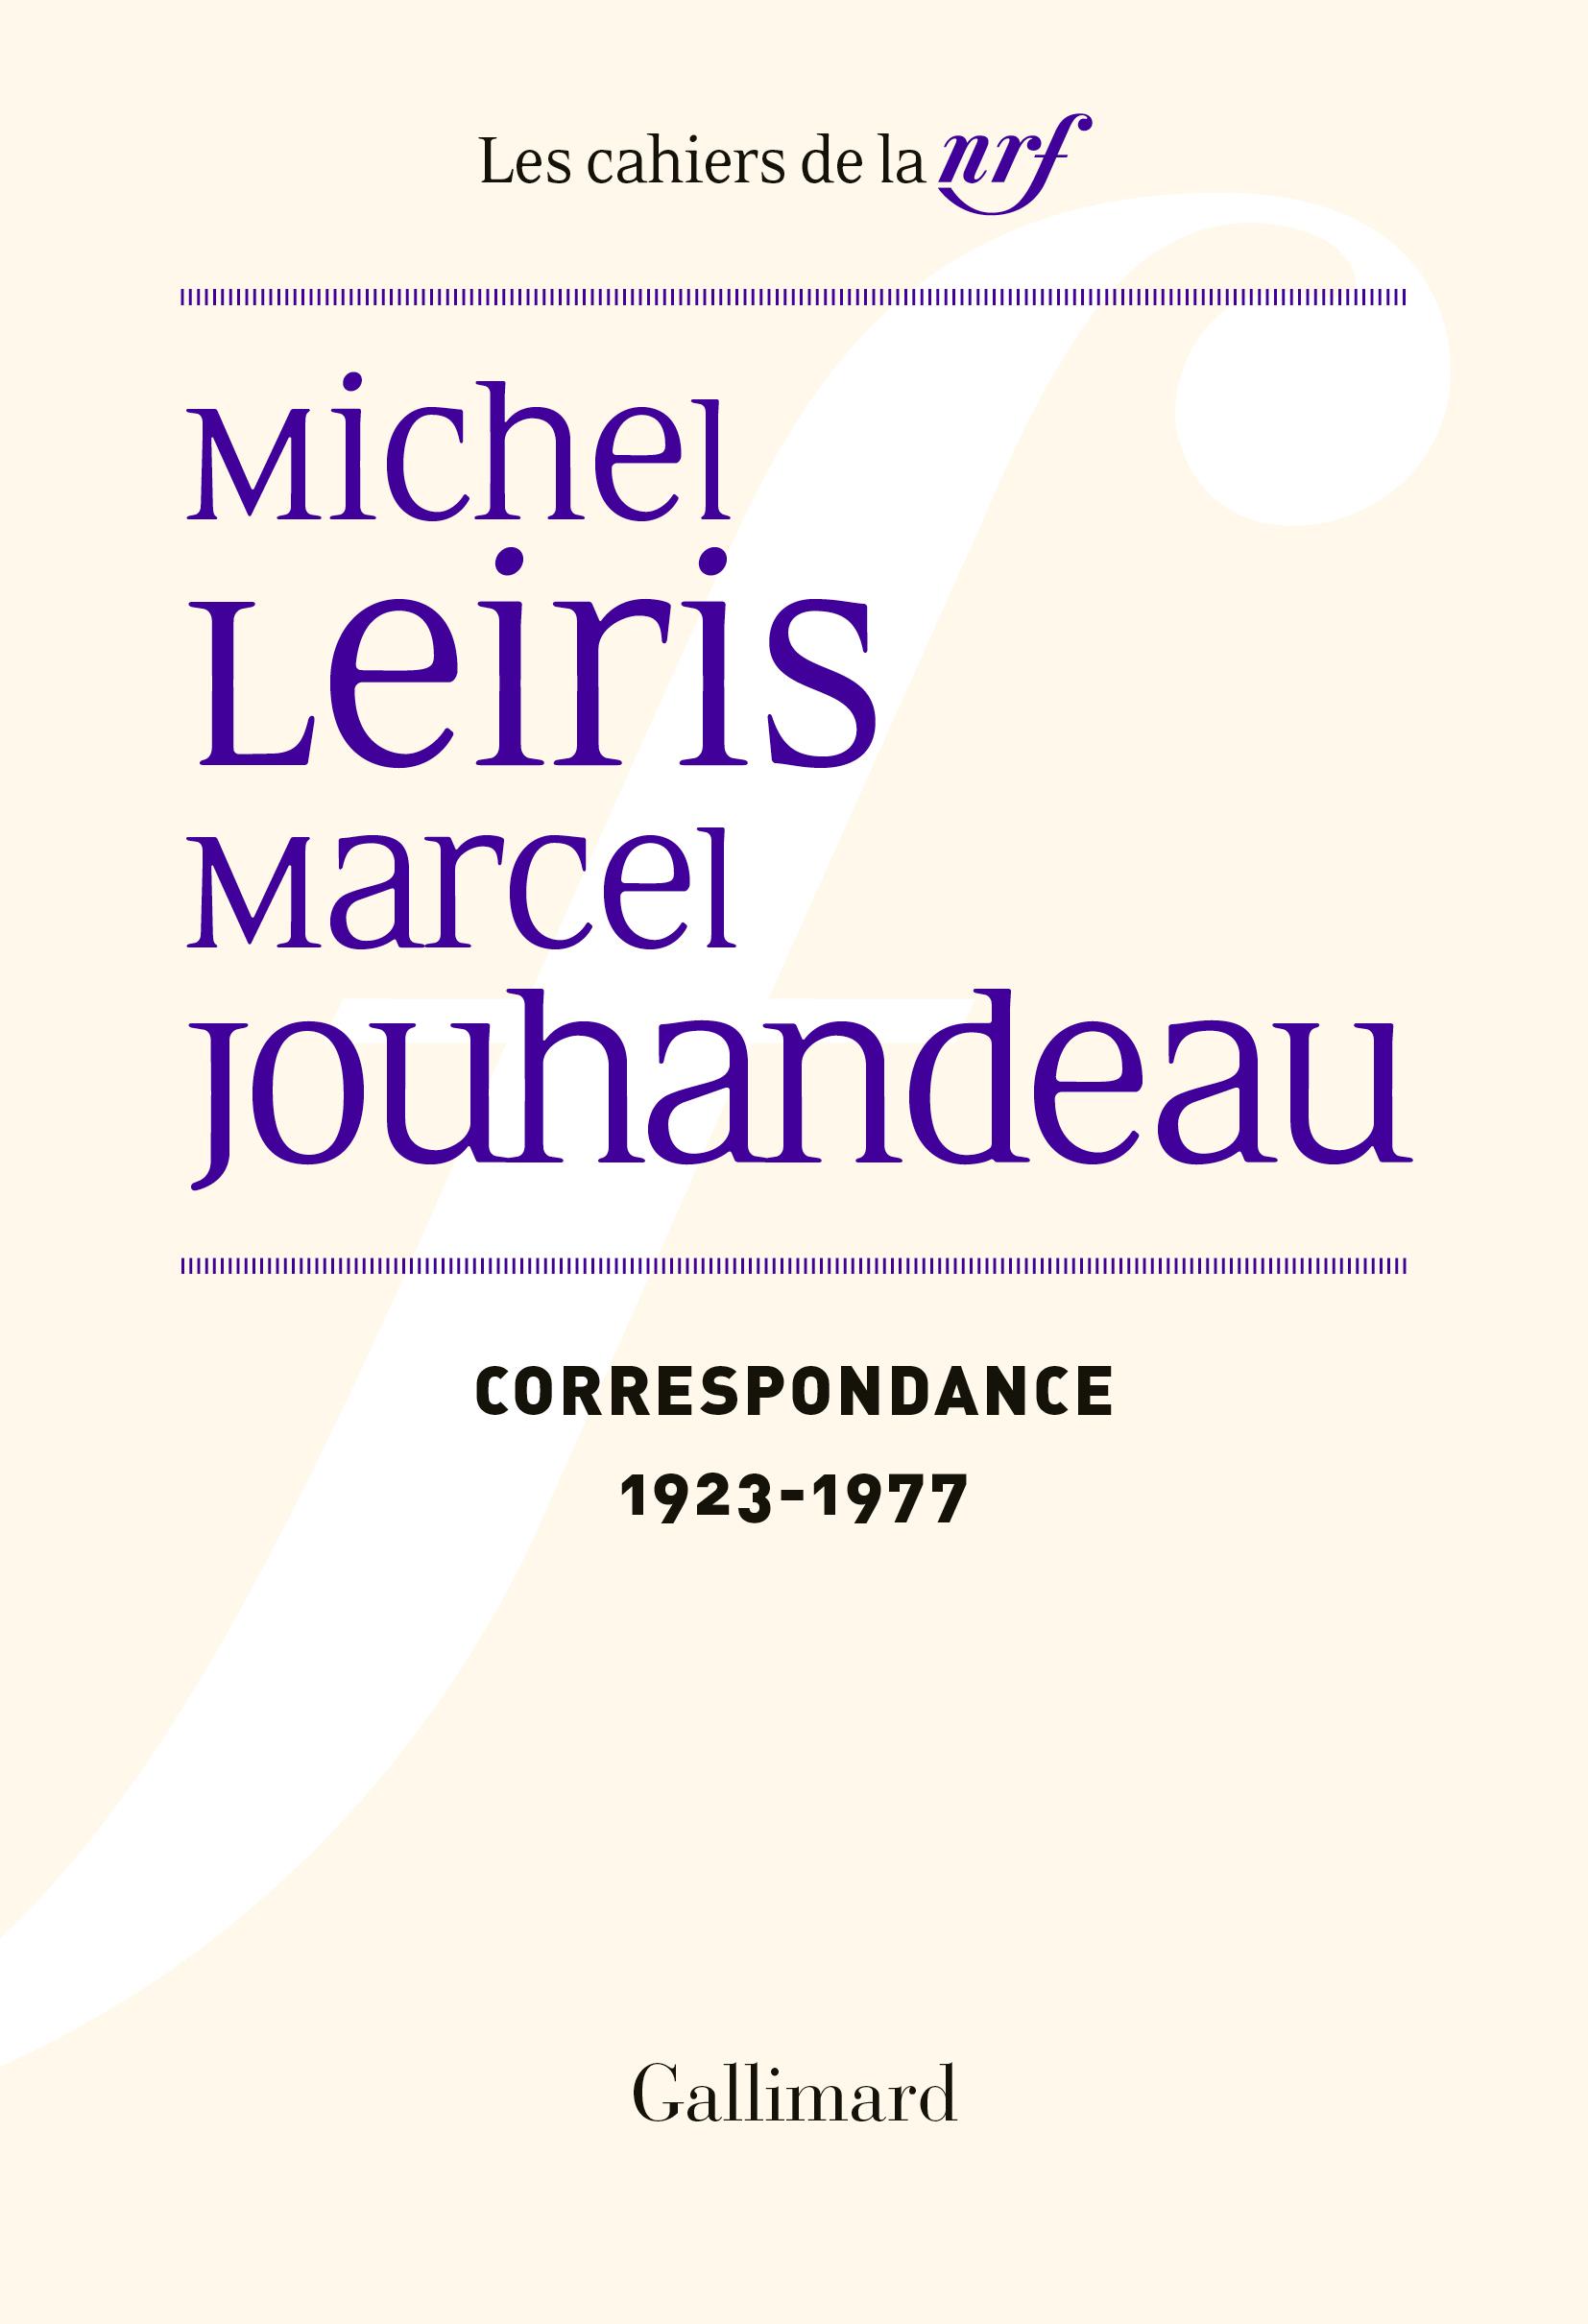 Correspondance (1923-1977) Marcel Jouhandeau et Michel Leiris